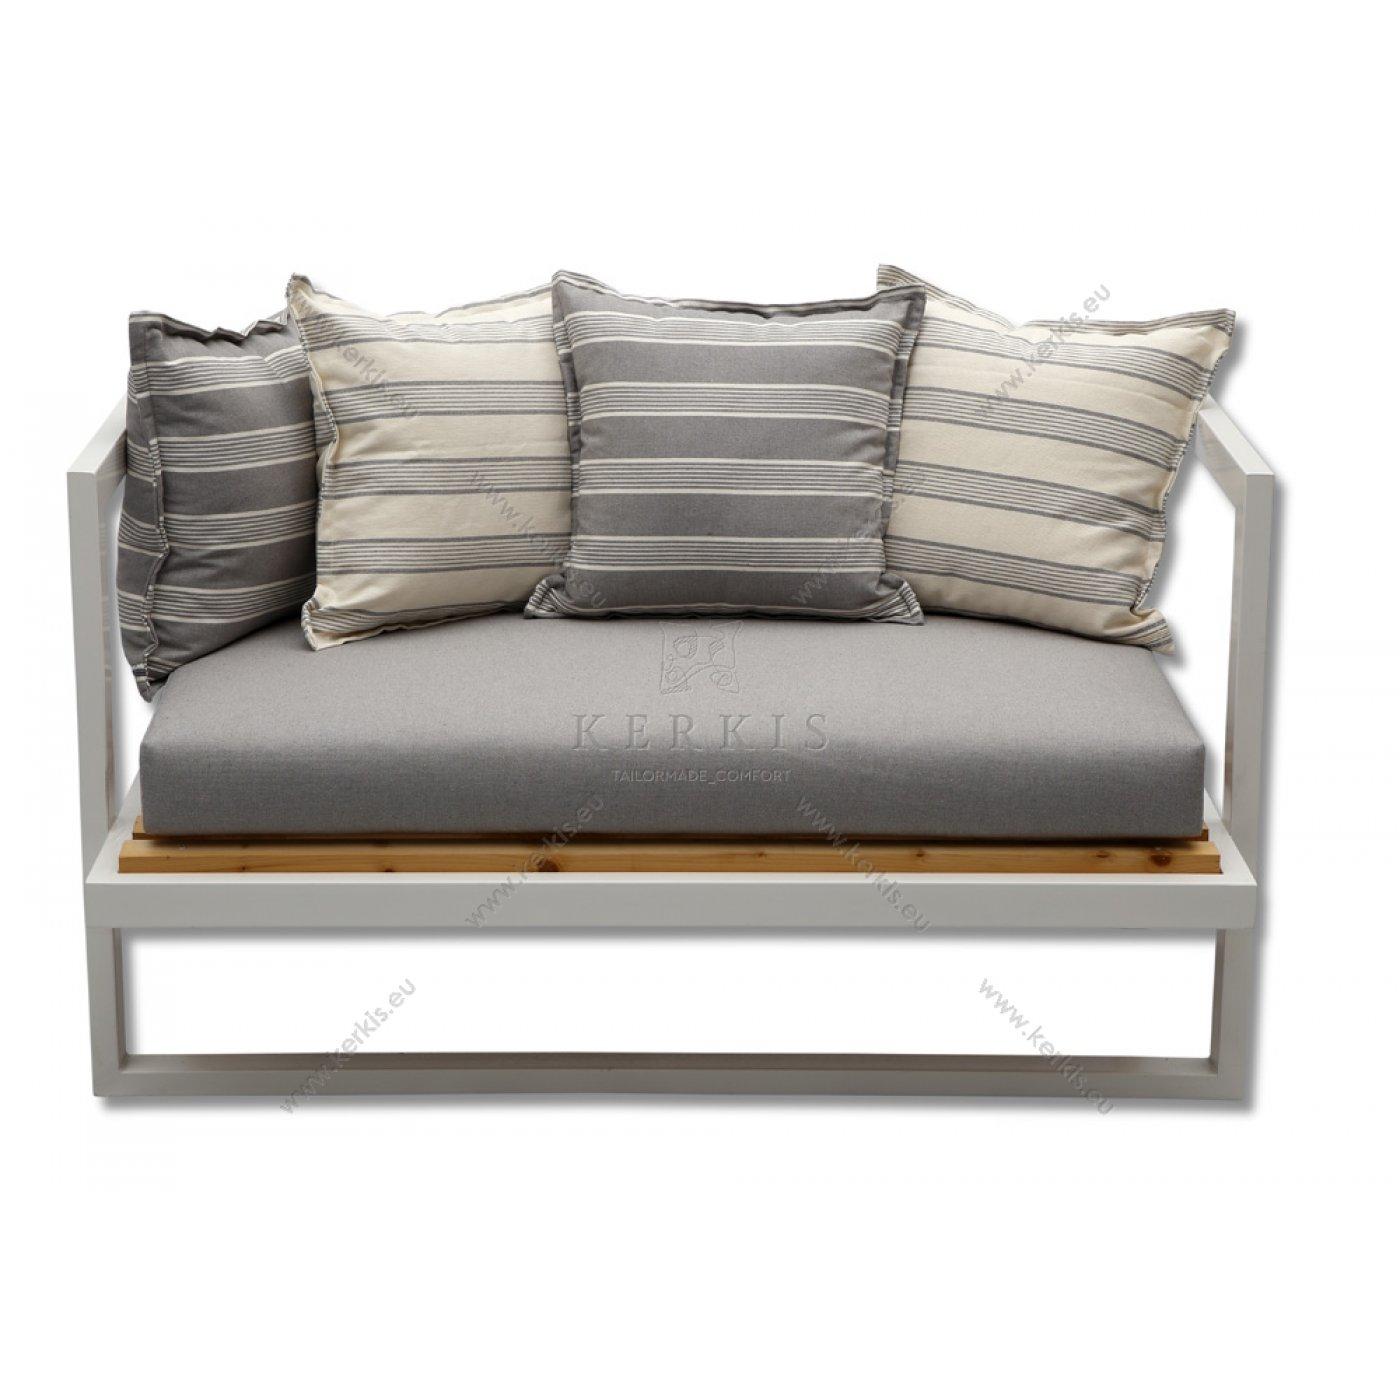 Μαξιλάρια καναπέ με βαμβακερά υφάσματα